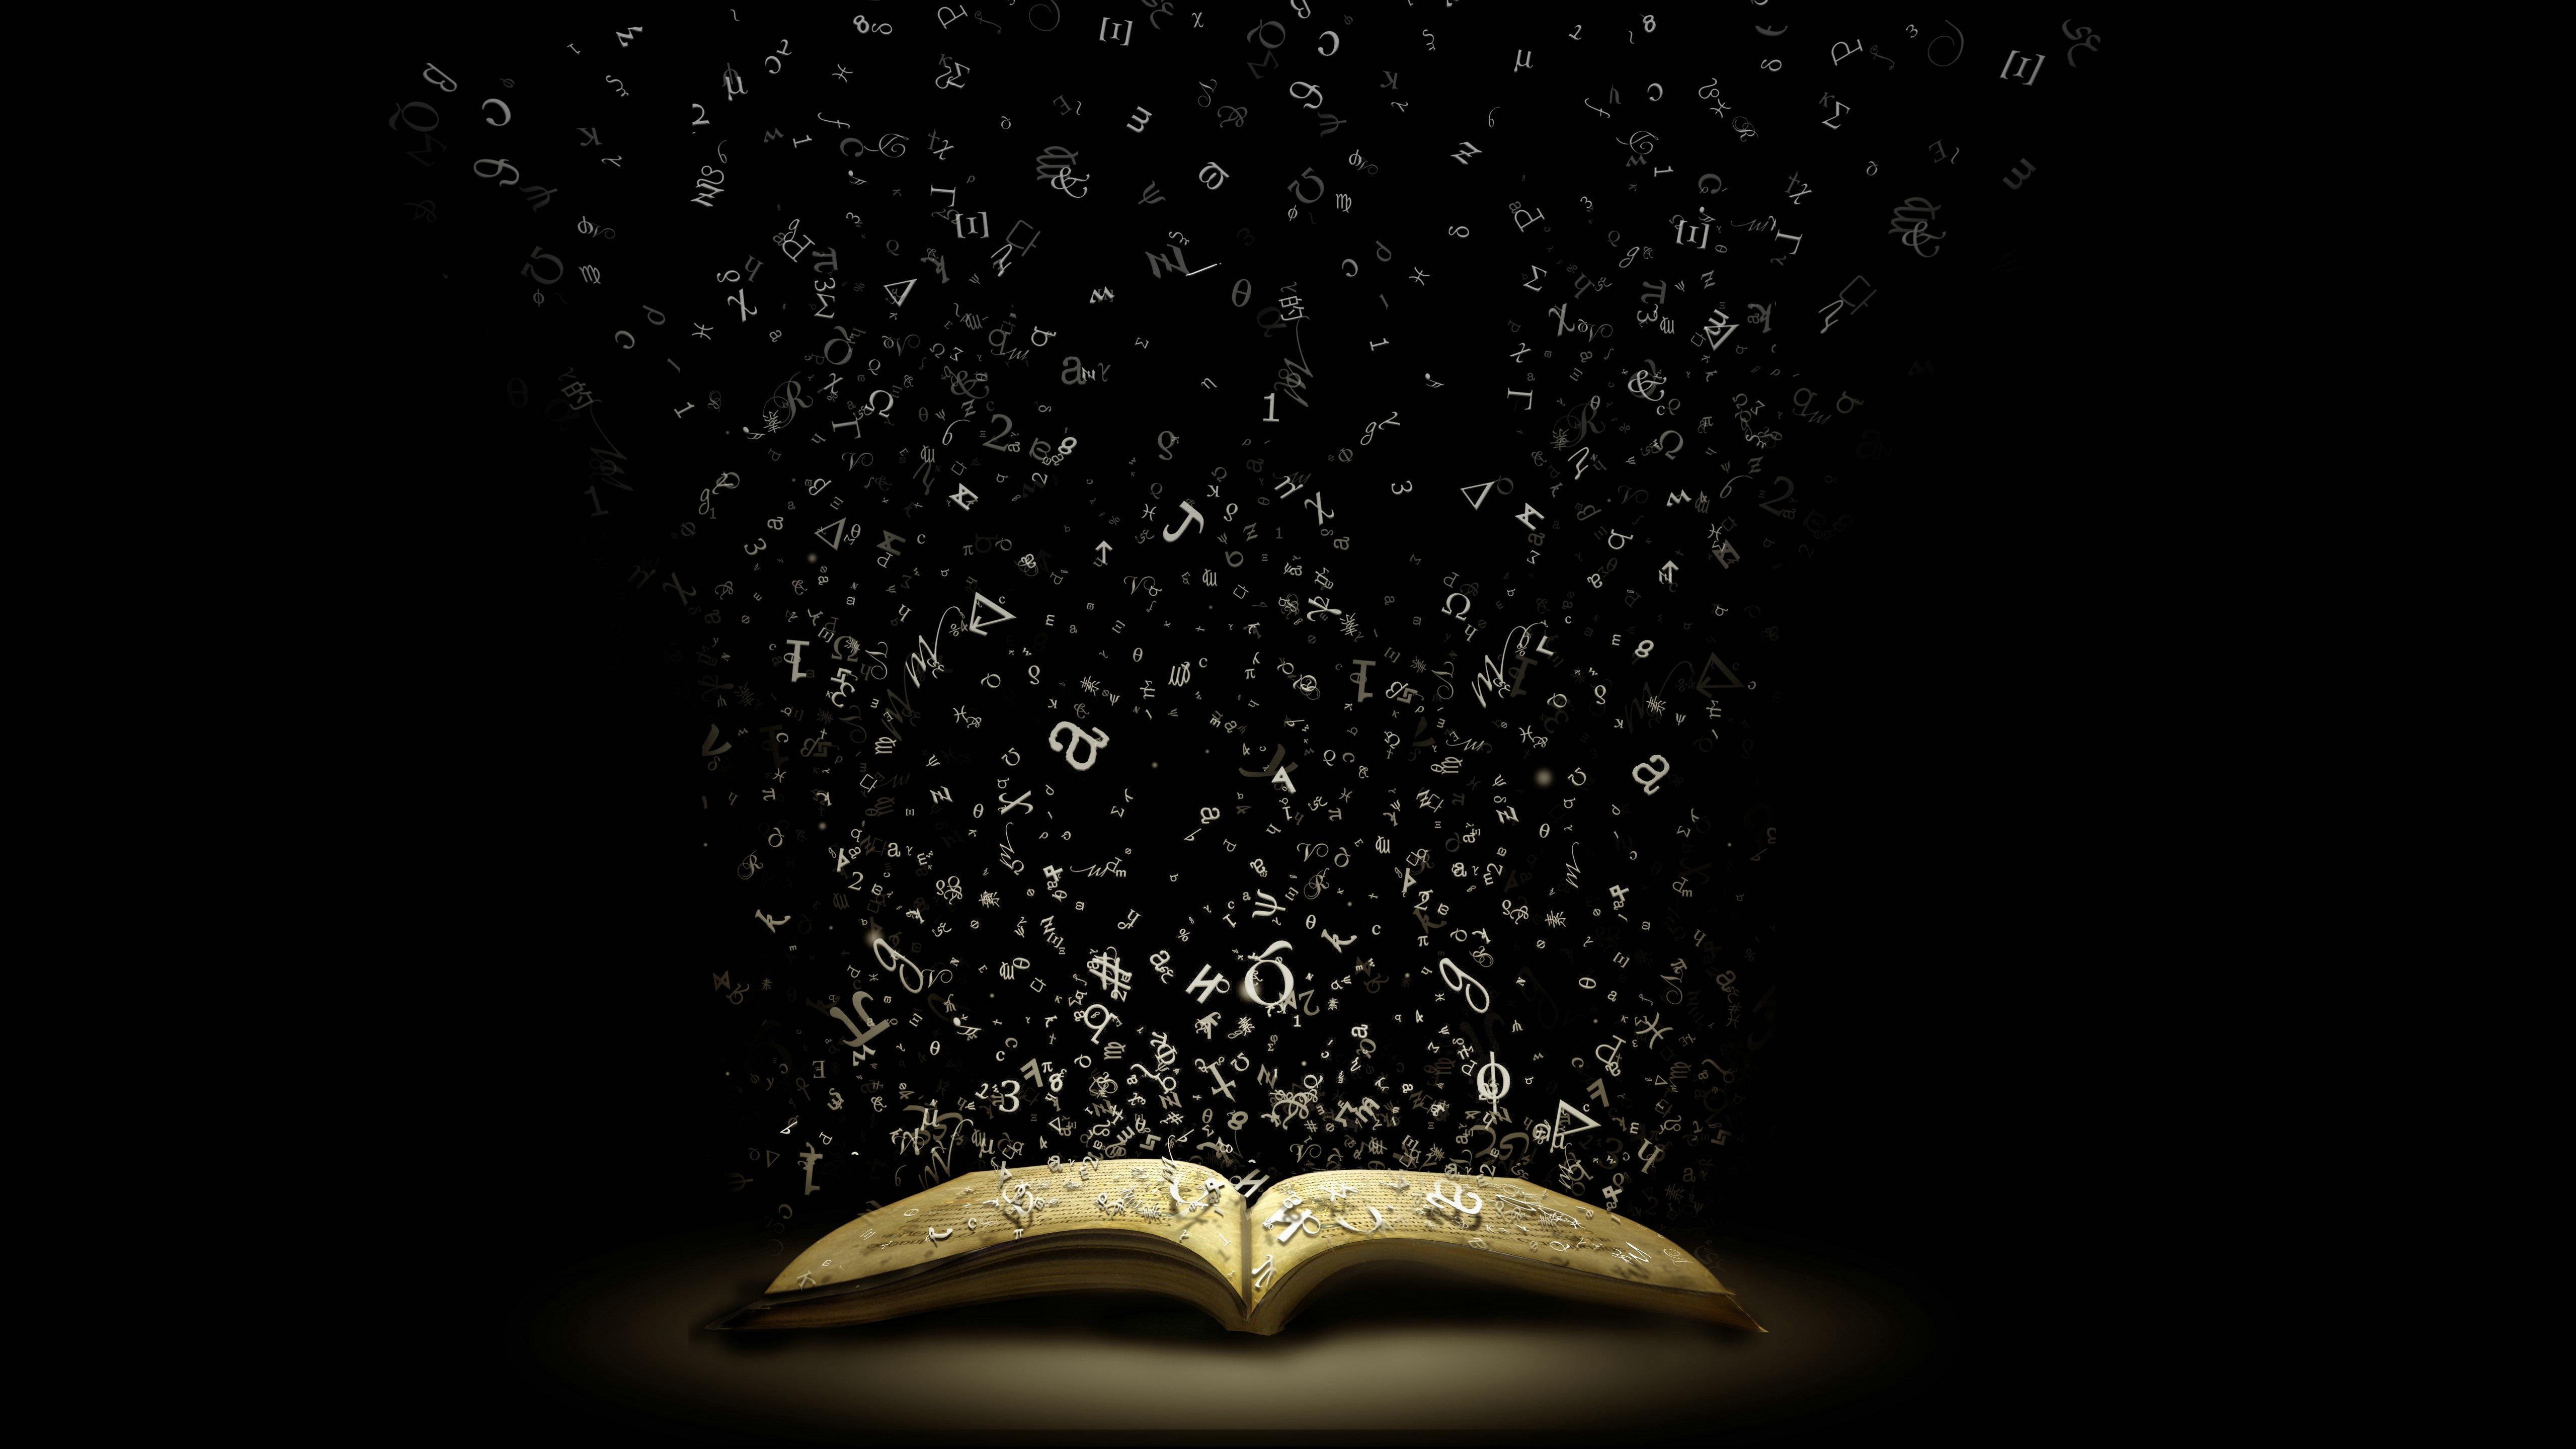 magic book wallpaper 5120x2880